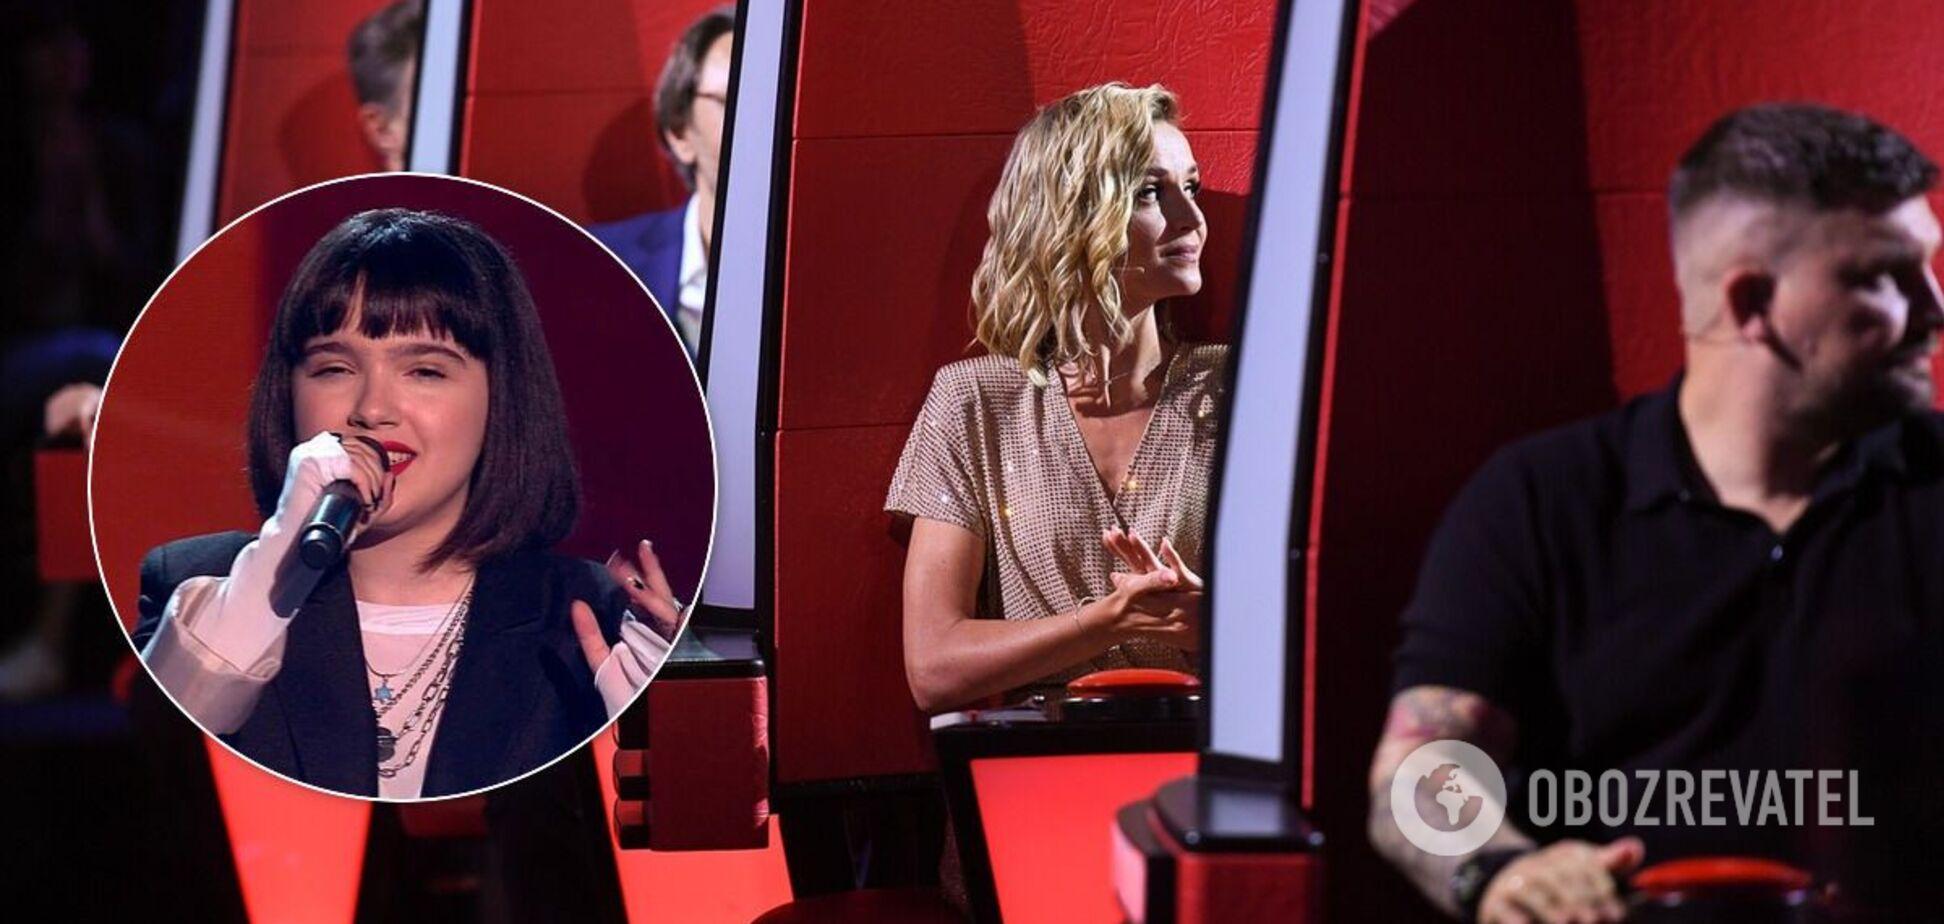 В России на шоу 'Голос' вспыхнул очередной скандал из-за дочки звезды